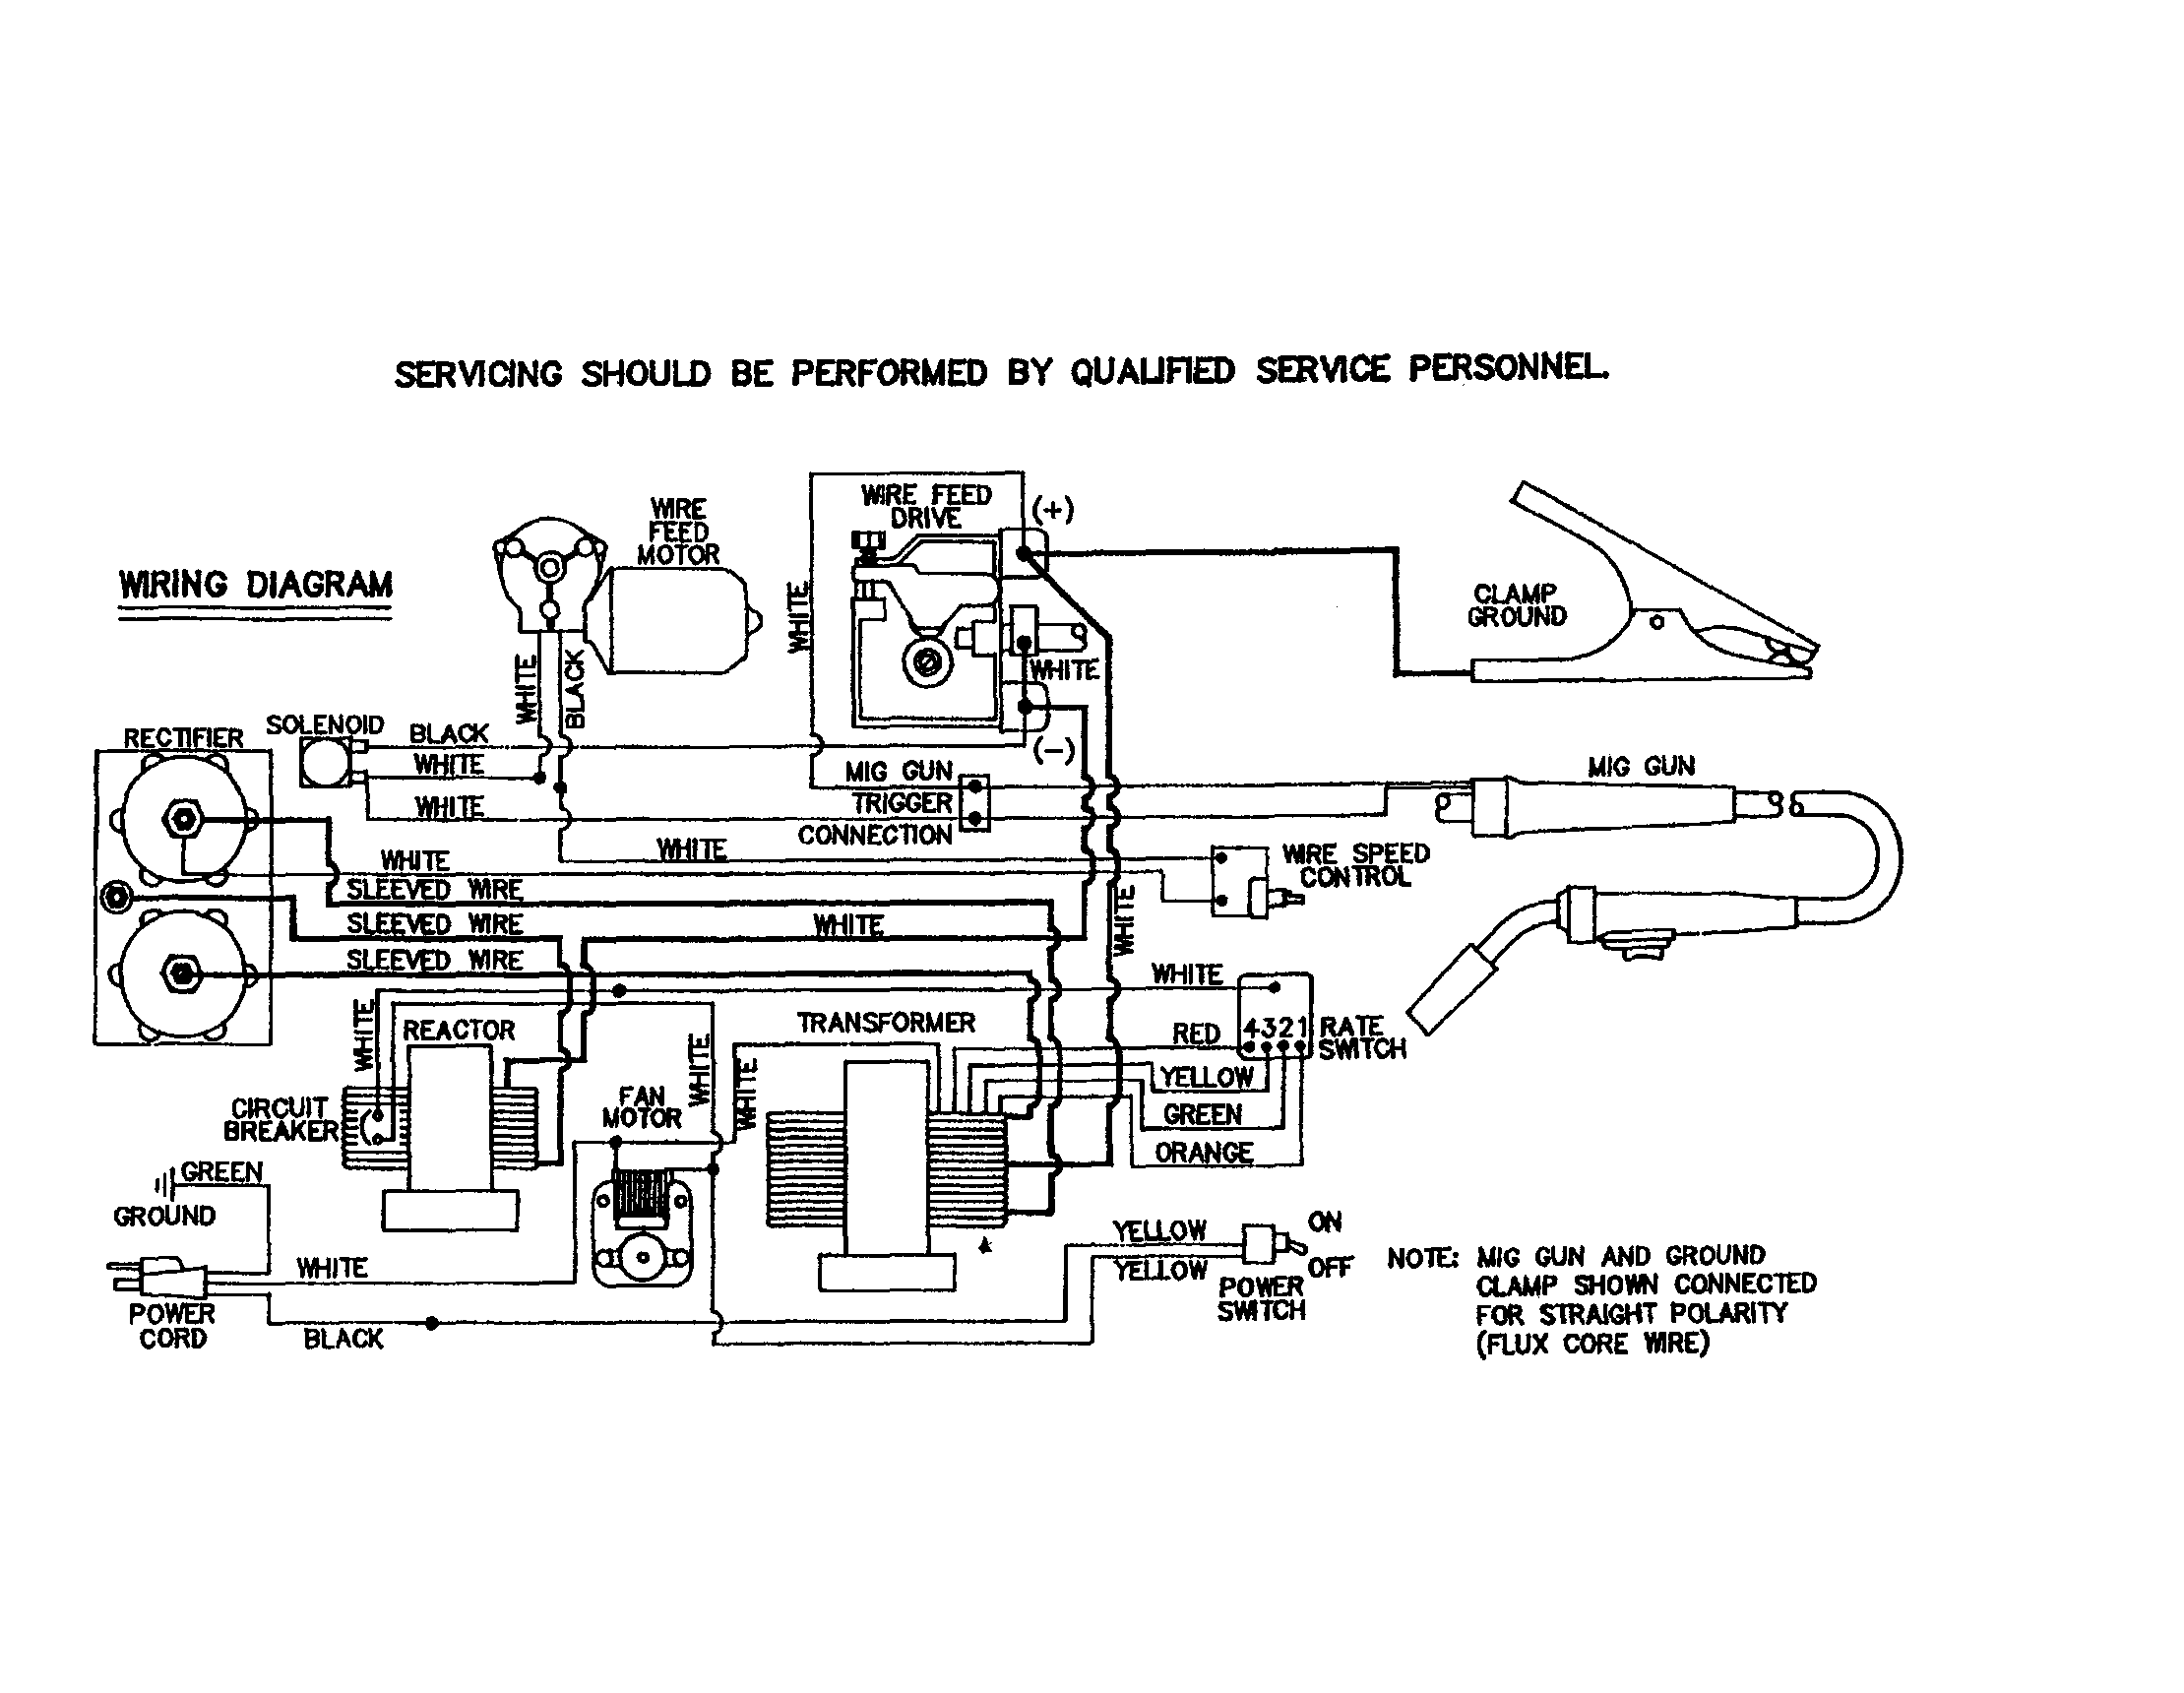 lincoln 225 arc welder wiring diagram [ 2219 x 1720 Pixel ]